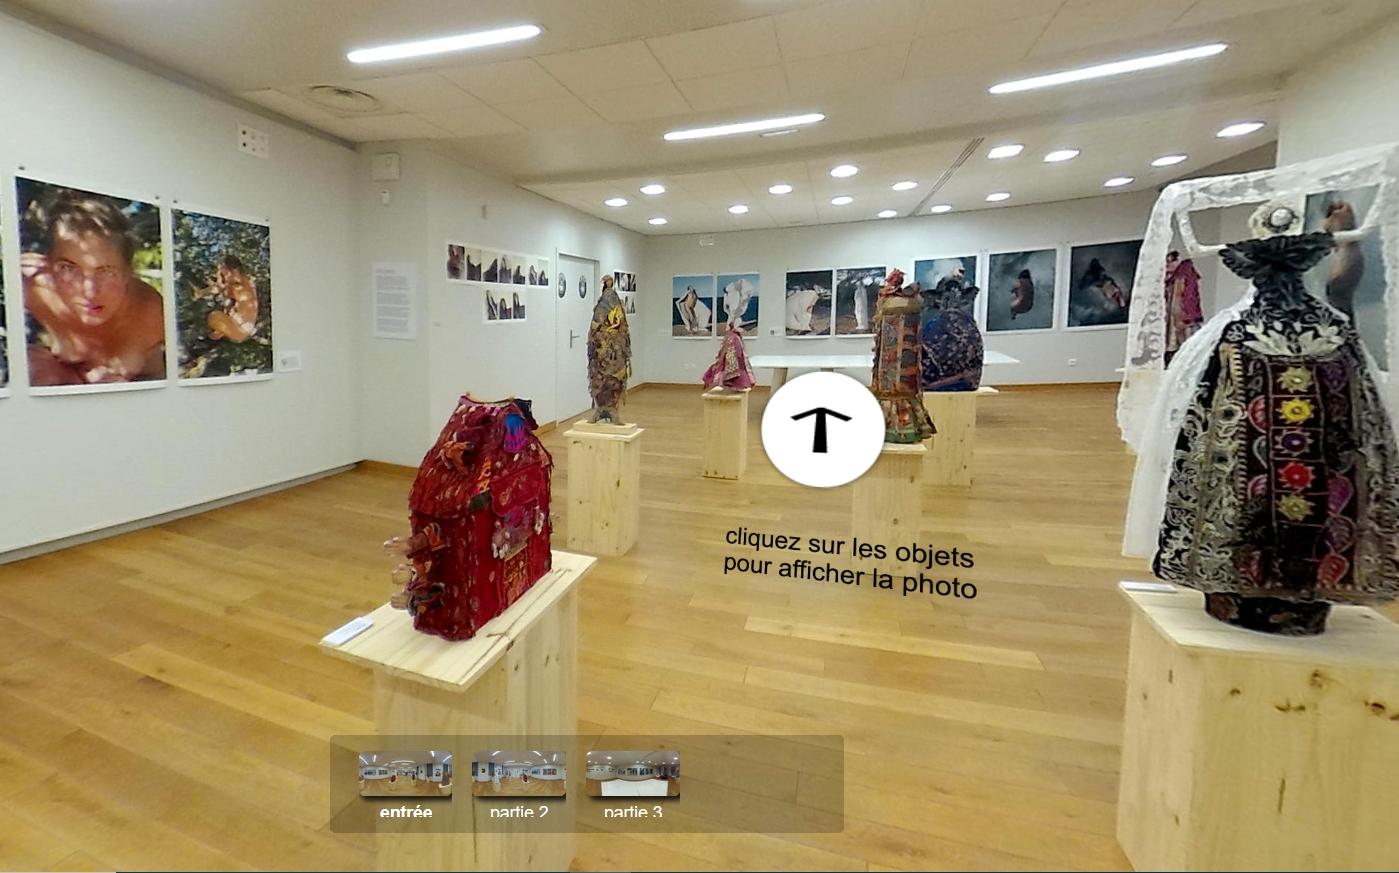 Visites virtuelles de l'espace arts et cultures Les Essar[t]s de Bram